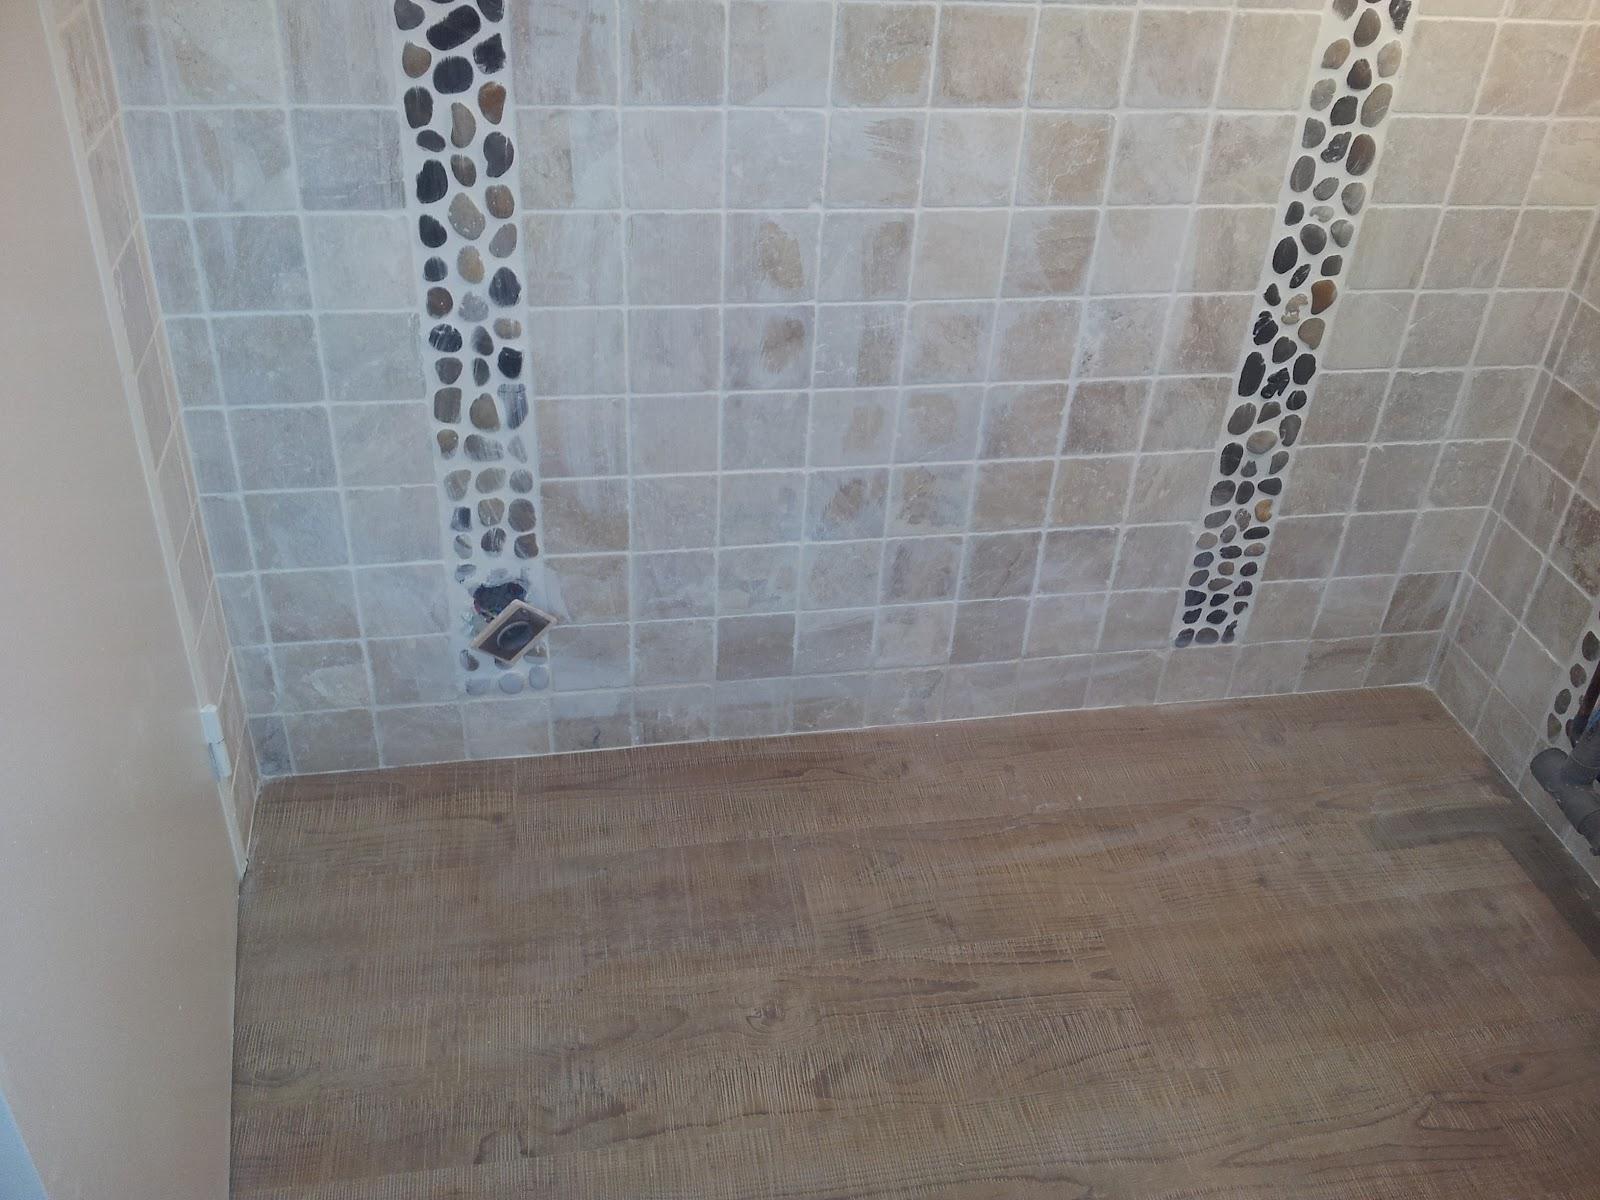 Mobilier table parquet salle de bain pas cher - Mobilier de salle de bain pas cher ...